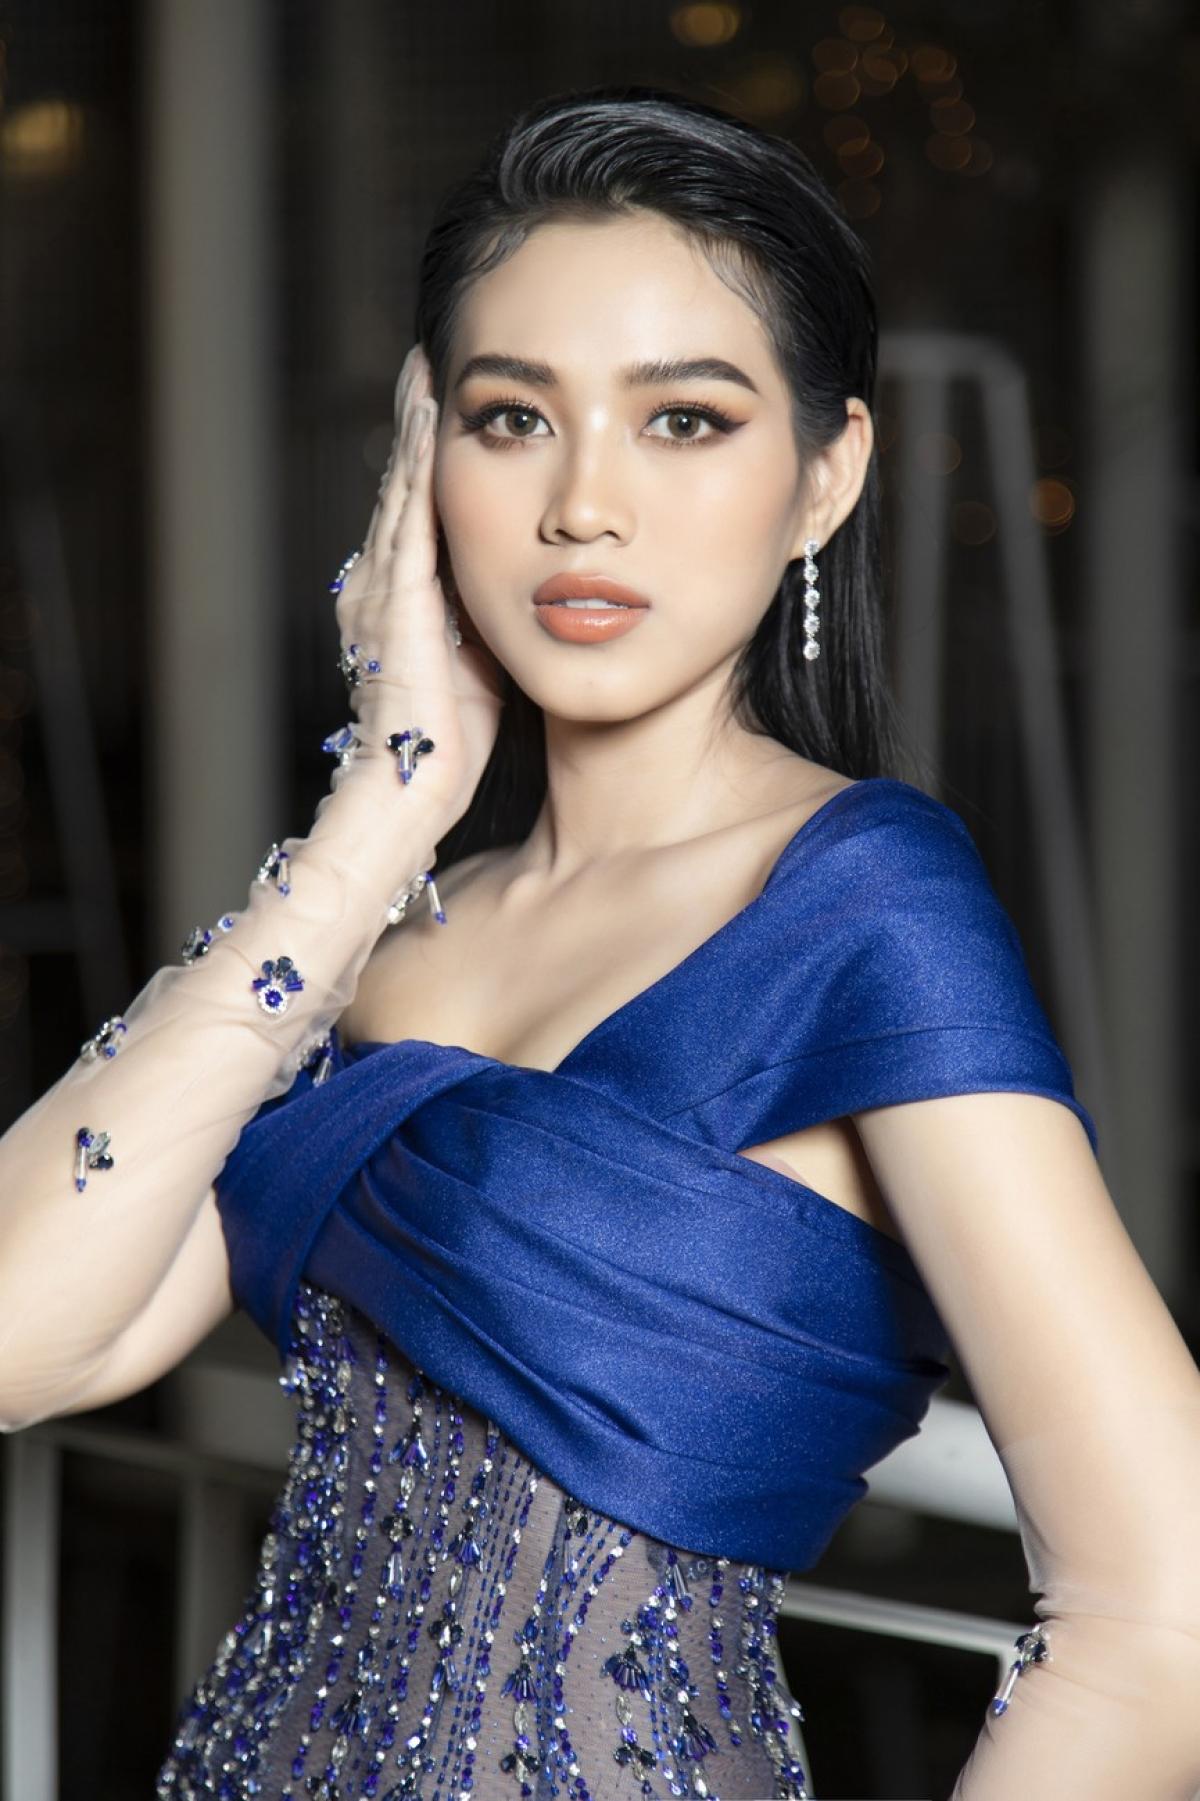 Hoa hậu Việt nam 2020 đang ngày càng 'lột xác' đầy xinh đẹp và quyến rũ.